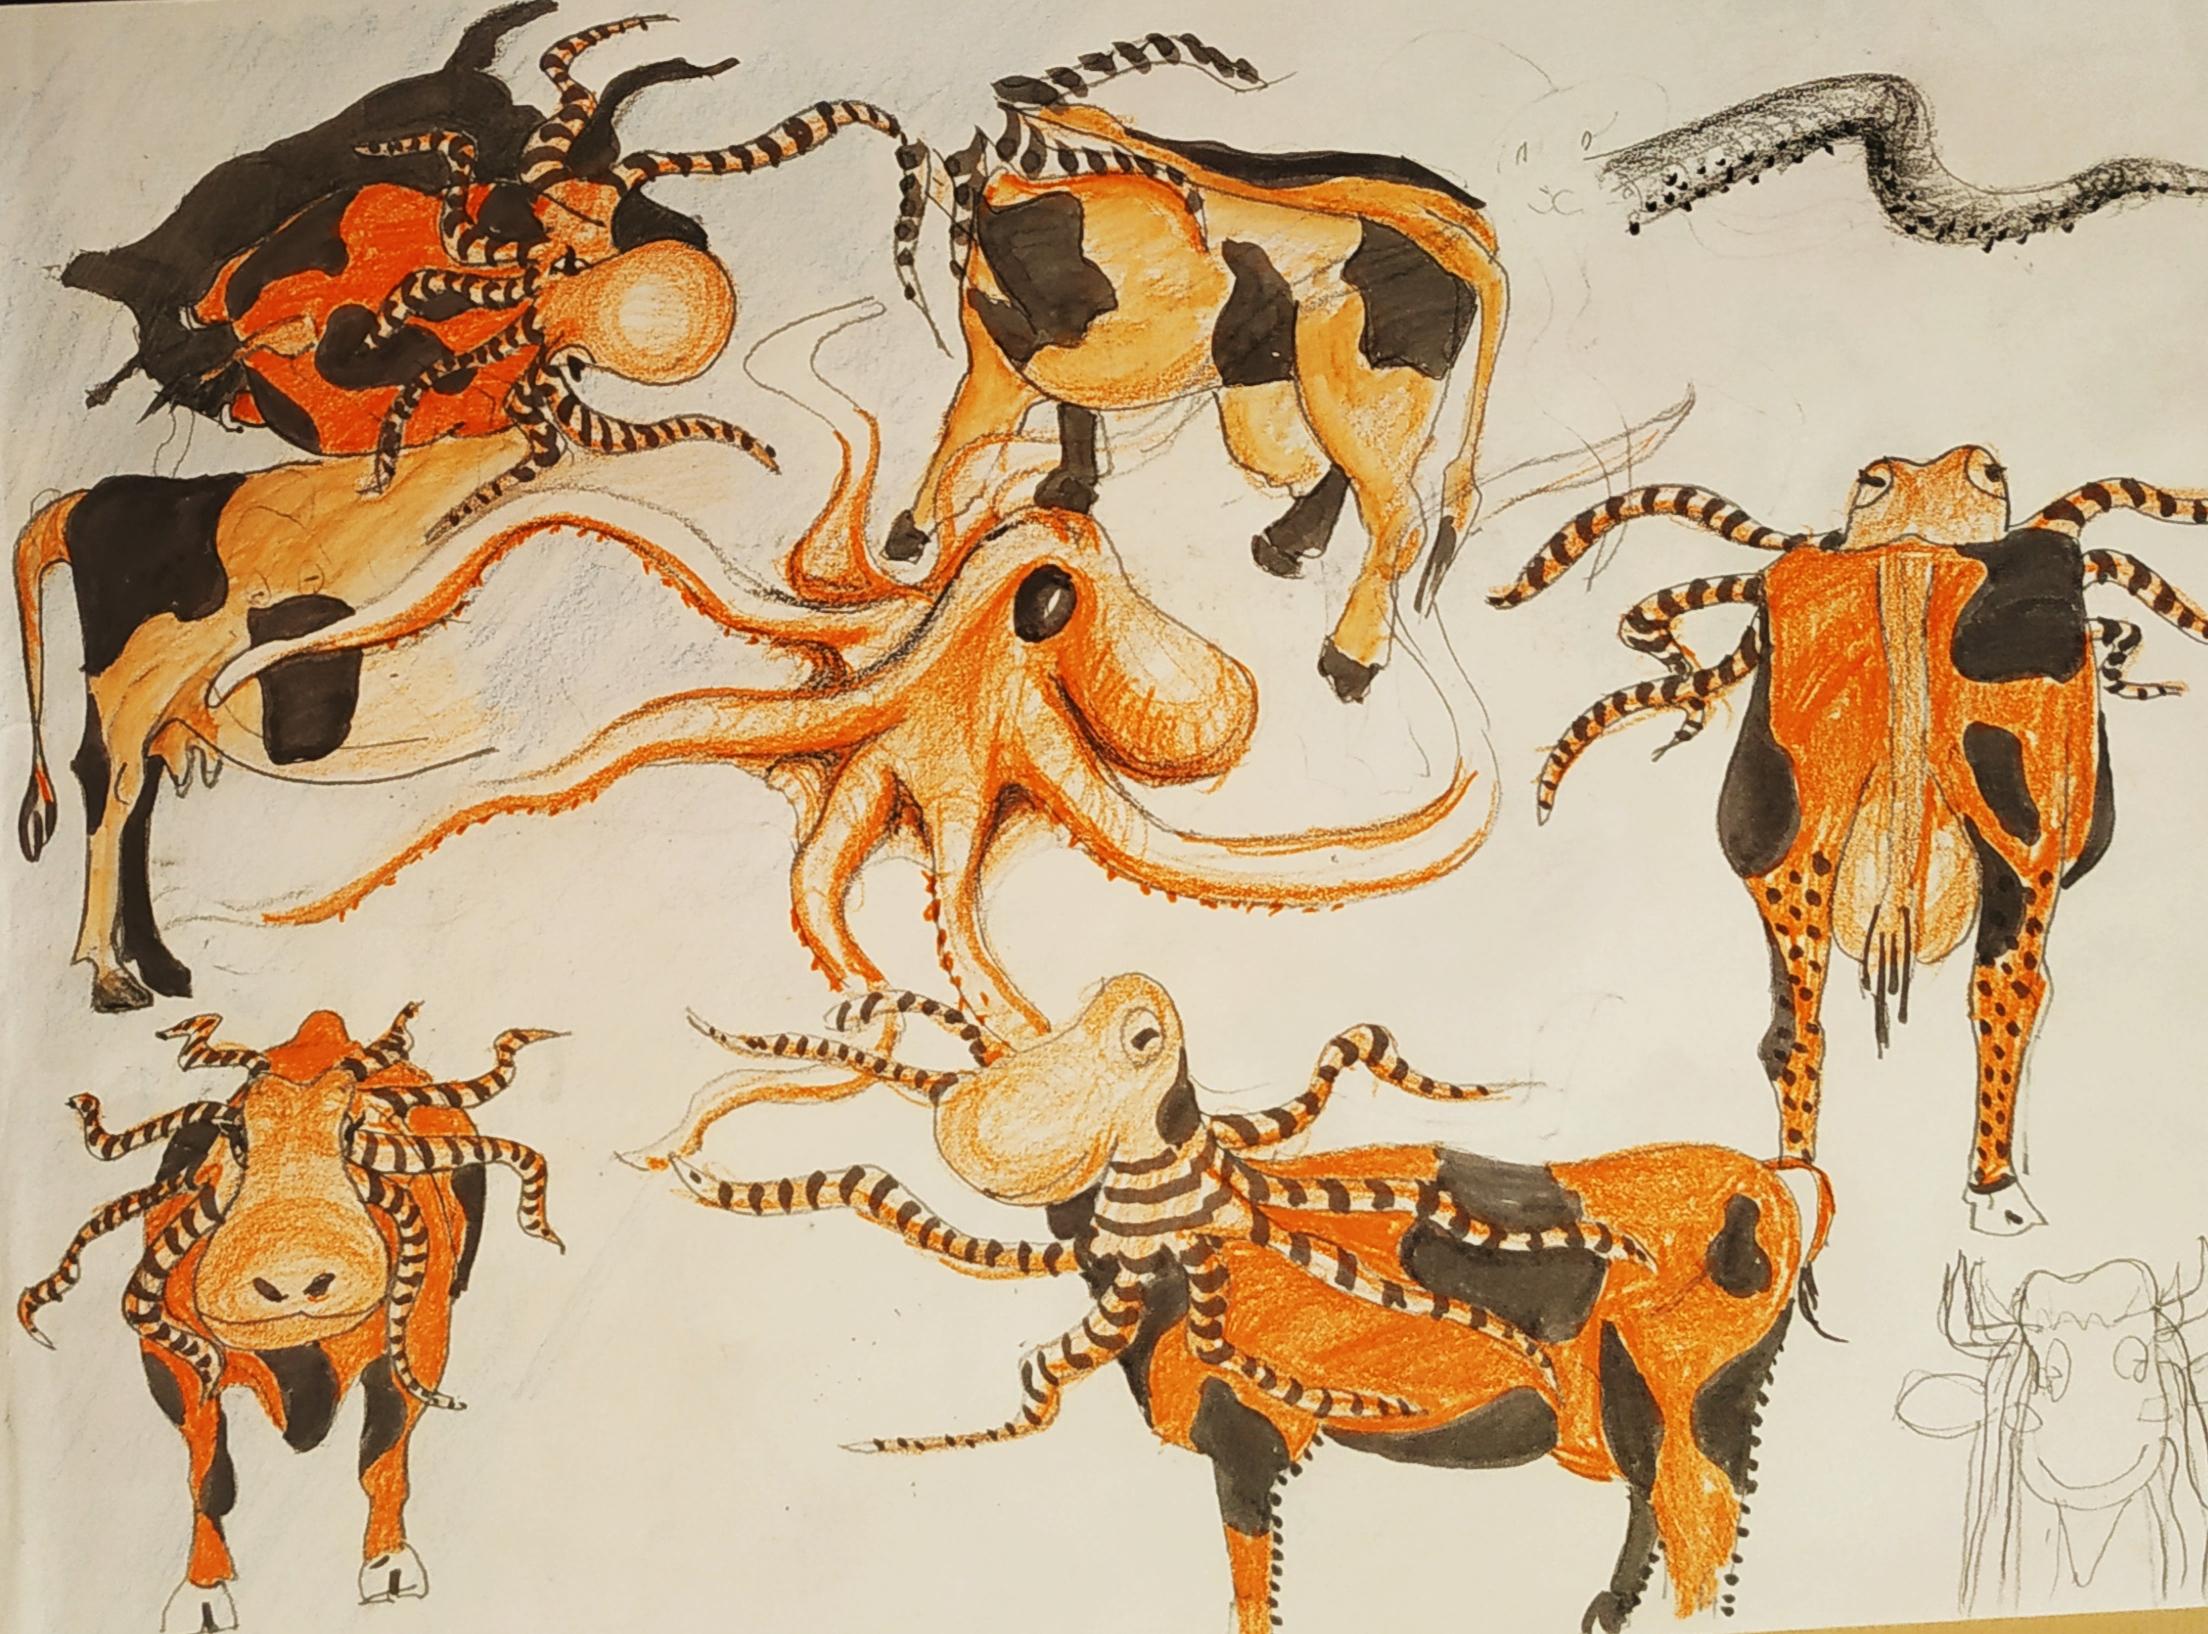 Dessin encre de Chine crayon de couleur poulpe vache orange  cours de dessin